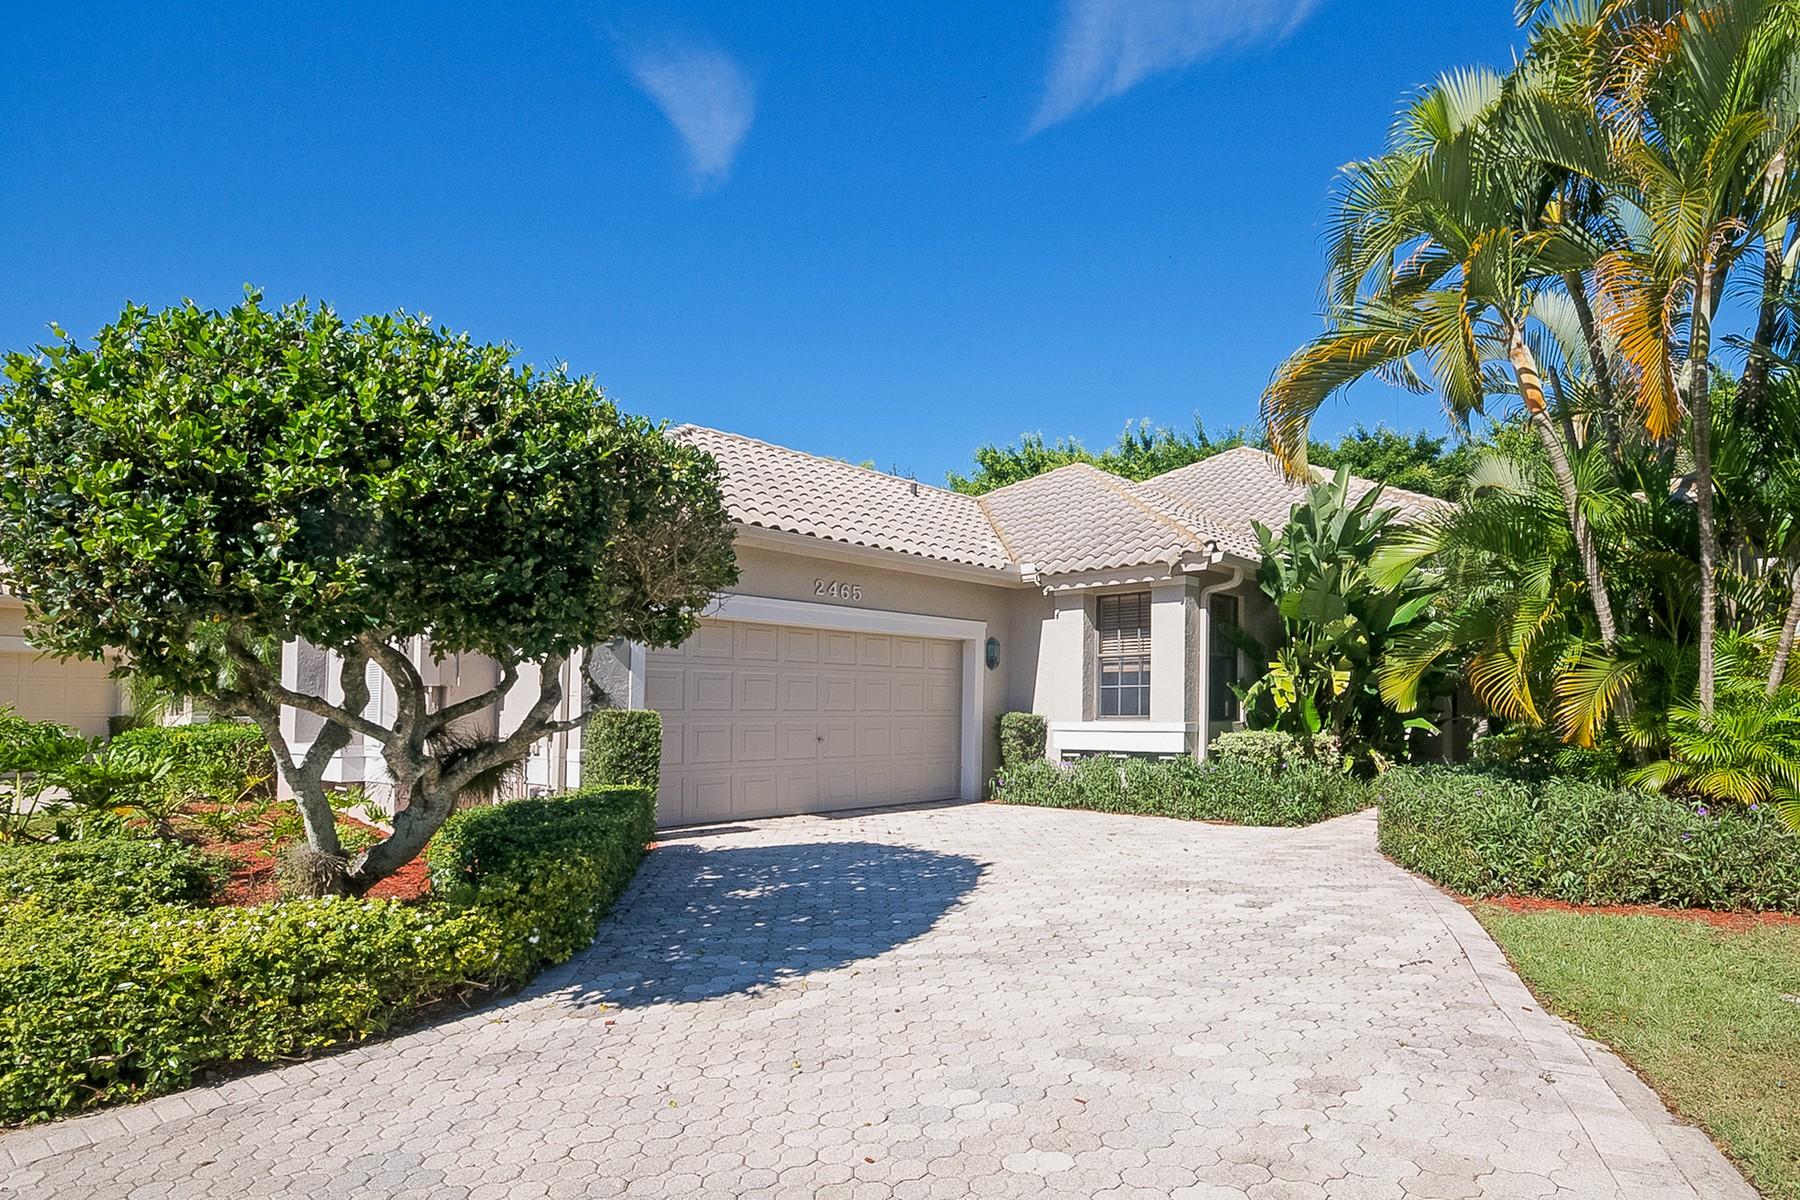 Nhà ở một gia đình vì Bán tại 2465 NW 64th St , Boca Raton, FL 33496 Boca Raton, Florida 33496 Hoa Kỳ